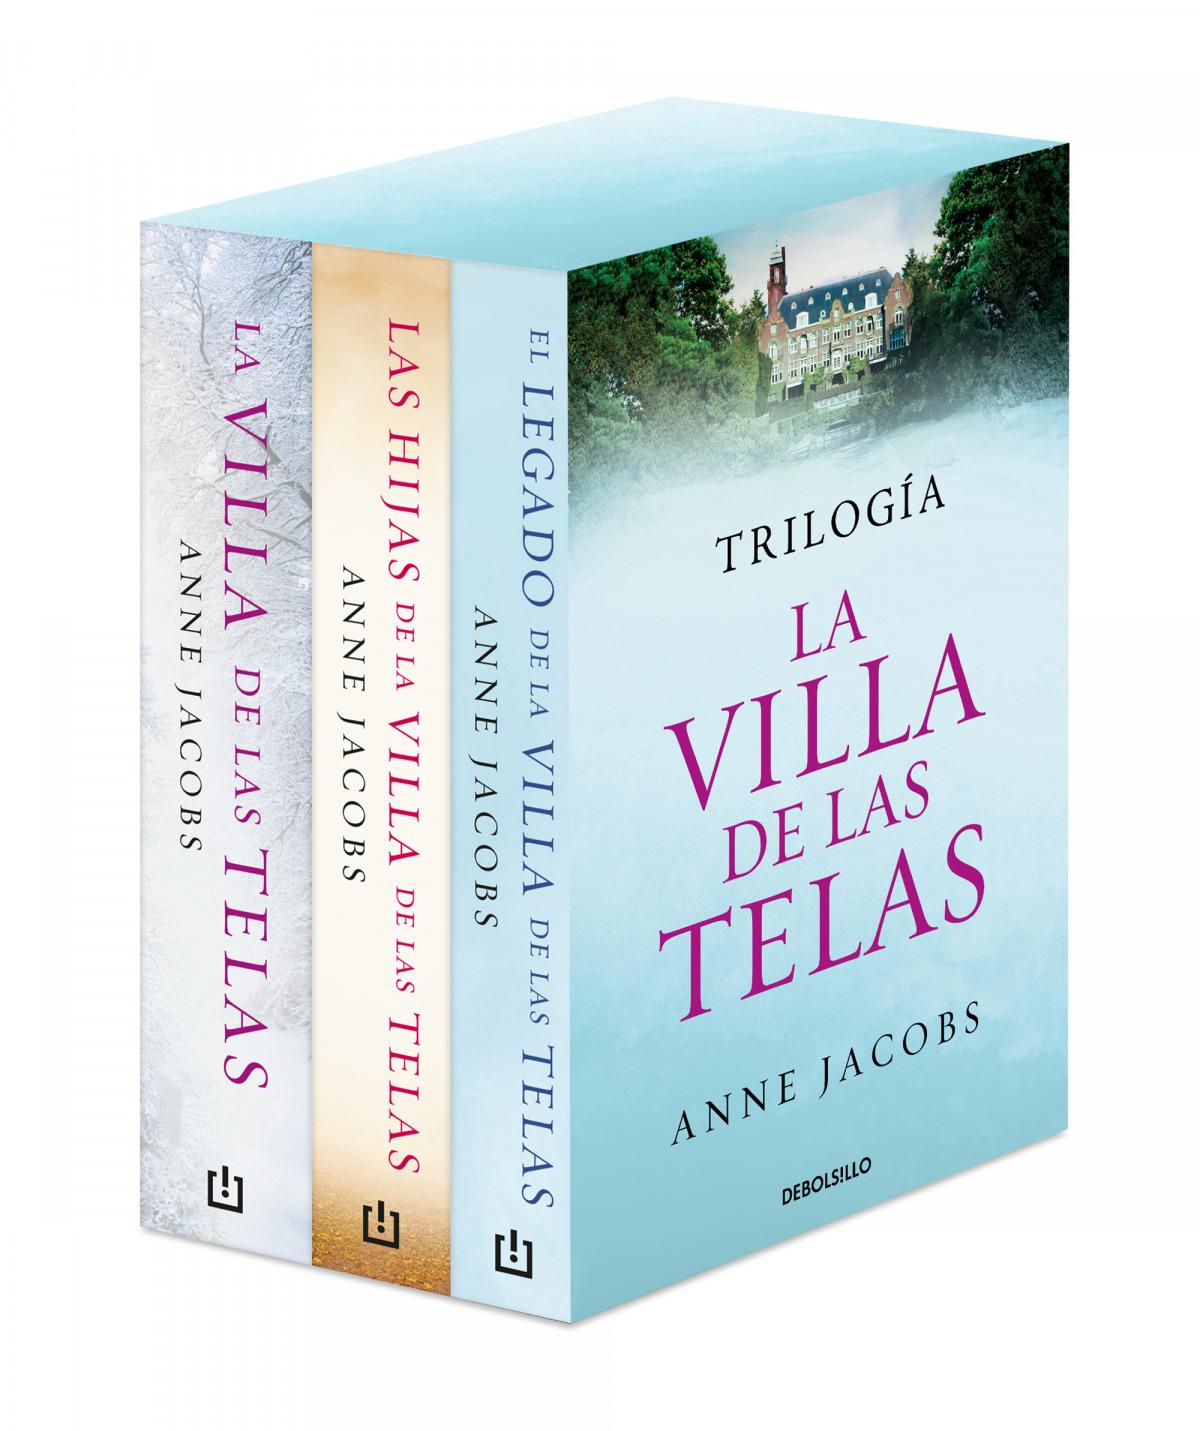 Trilogía La villa de las telas (edición pack)